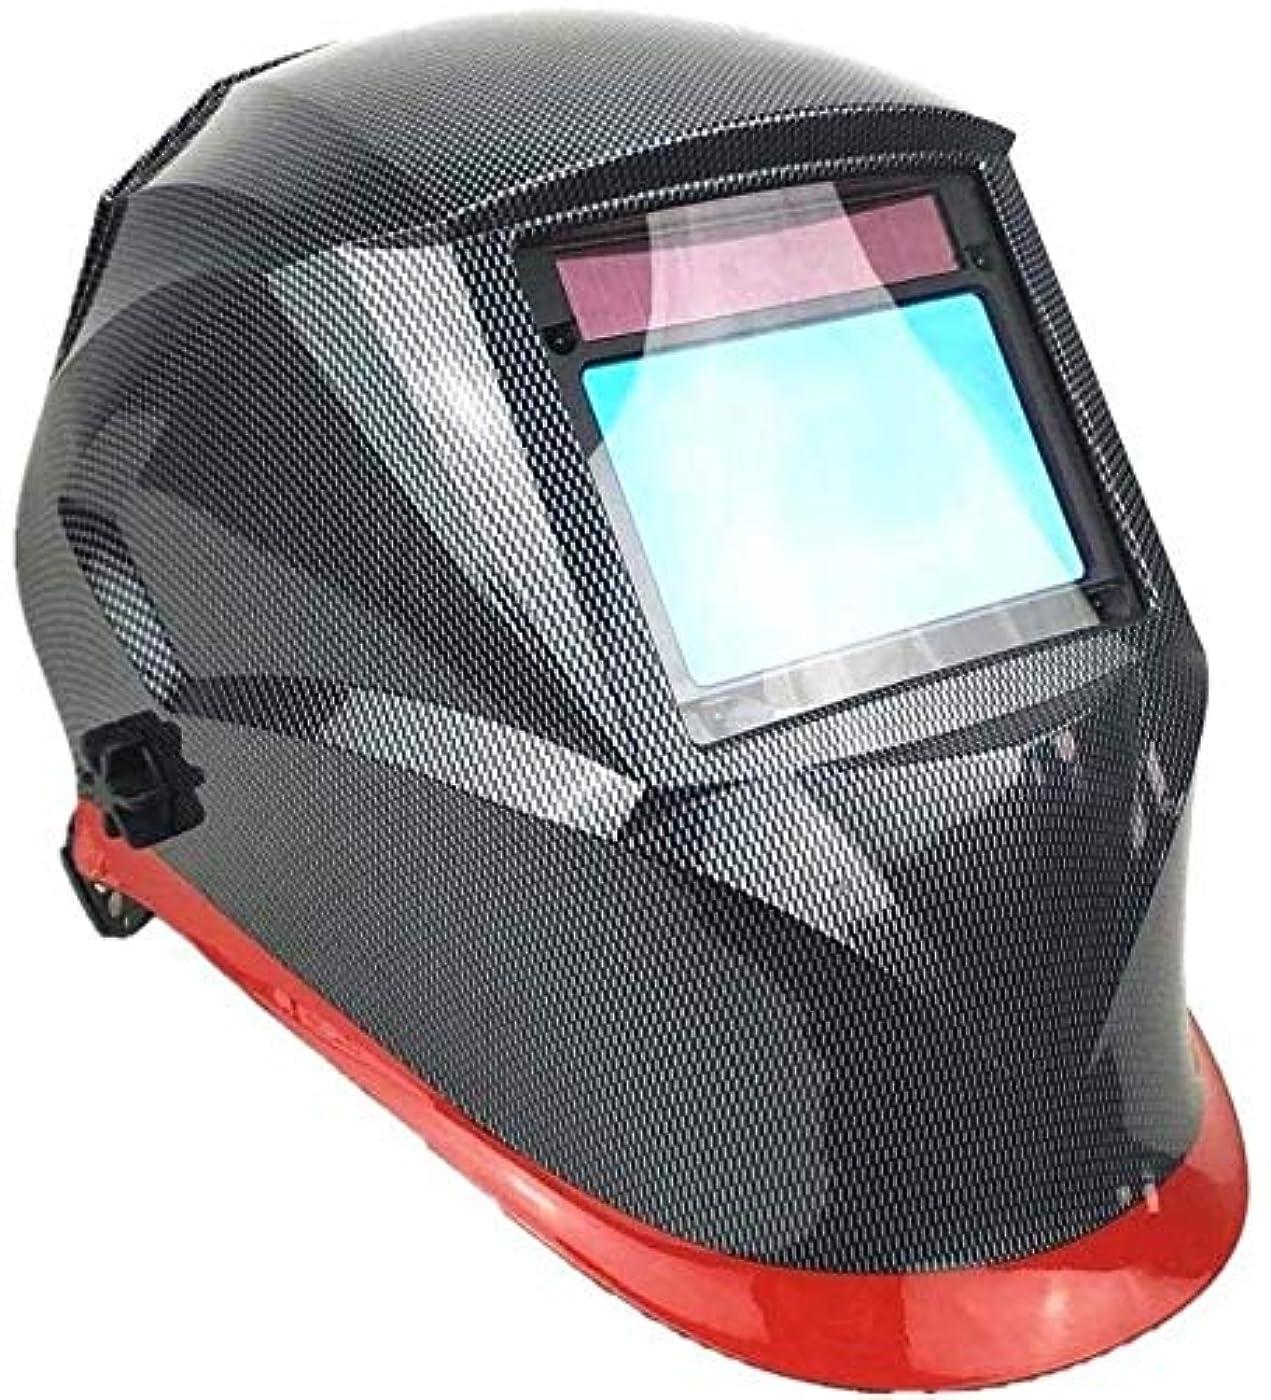 ギター胚芽もつれ溶接ヘルメットプロフェッショナルフード溶接ヘルメット溶接ヘルメット100x65mm 1111 4センサー研削DIN 3 / 4-13 MMA MIG TIG CE/UL/CSA太陽自動暗くなる溶接マスク(カラー:ブラック、サイズ:無料) (色 : Carbon Red, Size : Free)